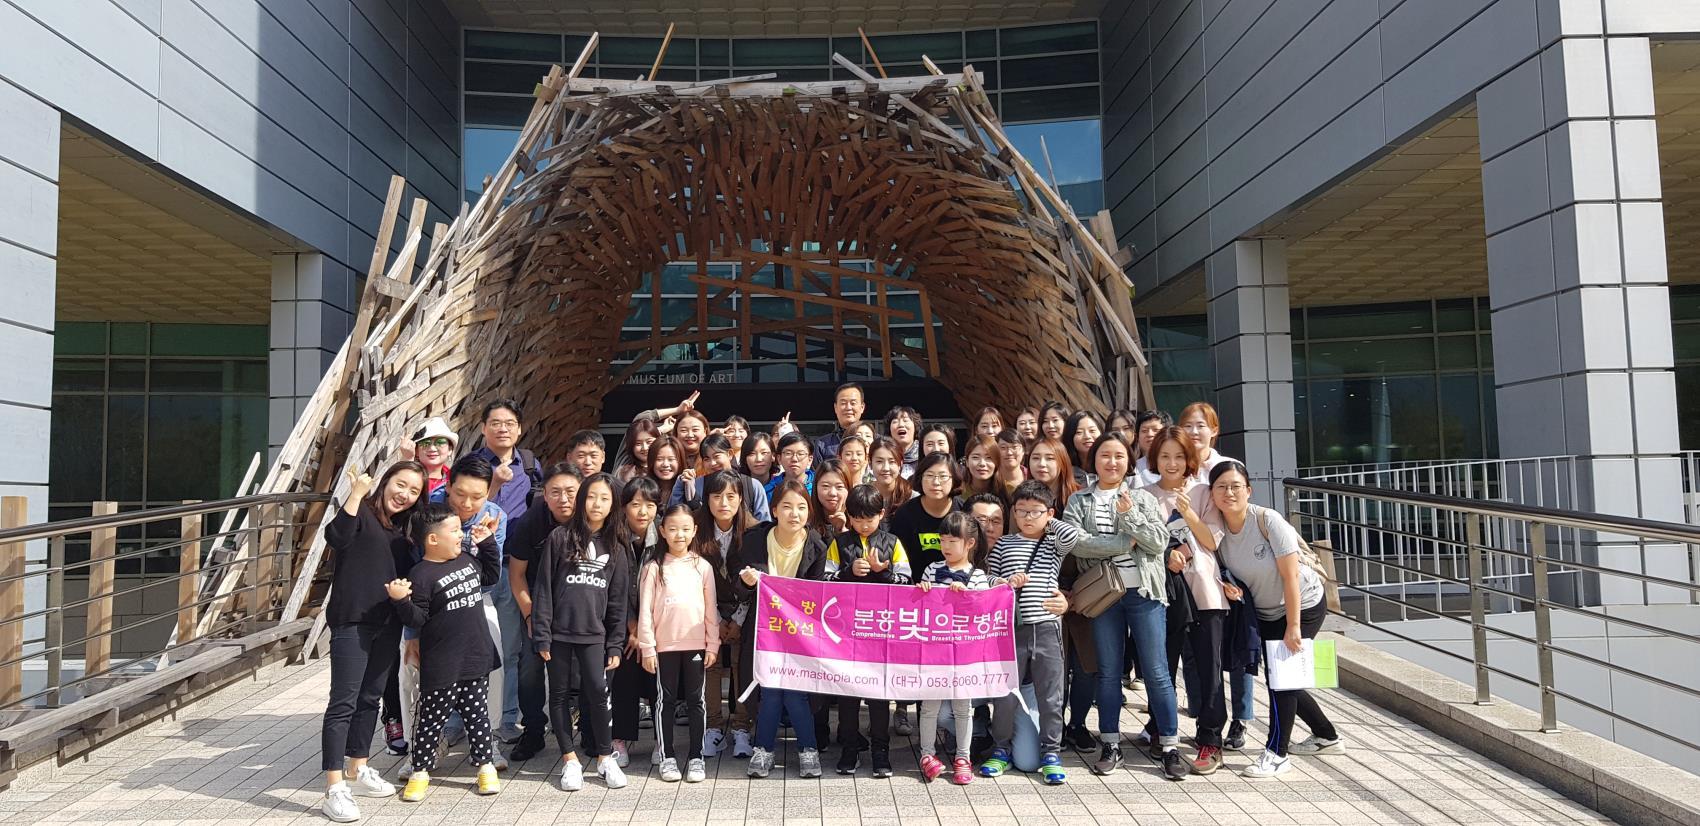 2019년 10월 20일 부산시립미술관, 이기대 트레킹, 해운대요트투어 다녀왔습니다.